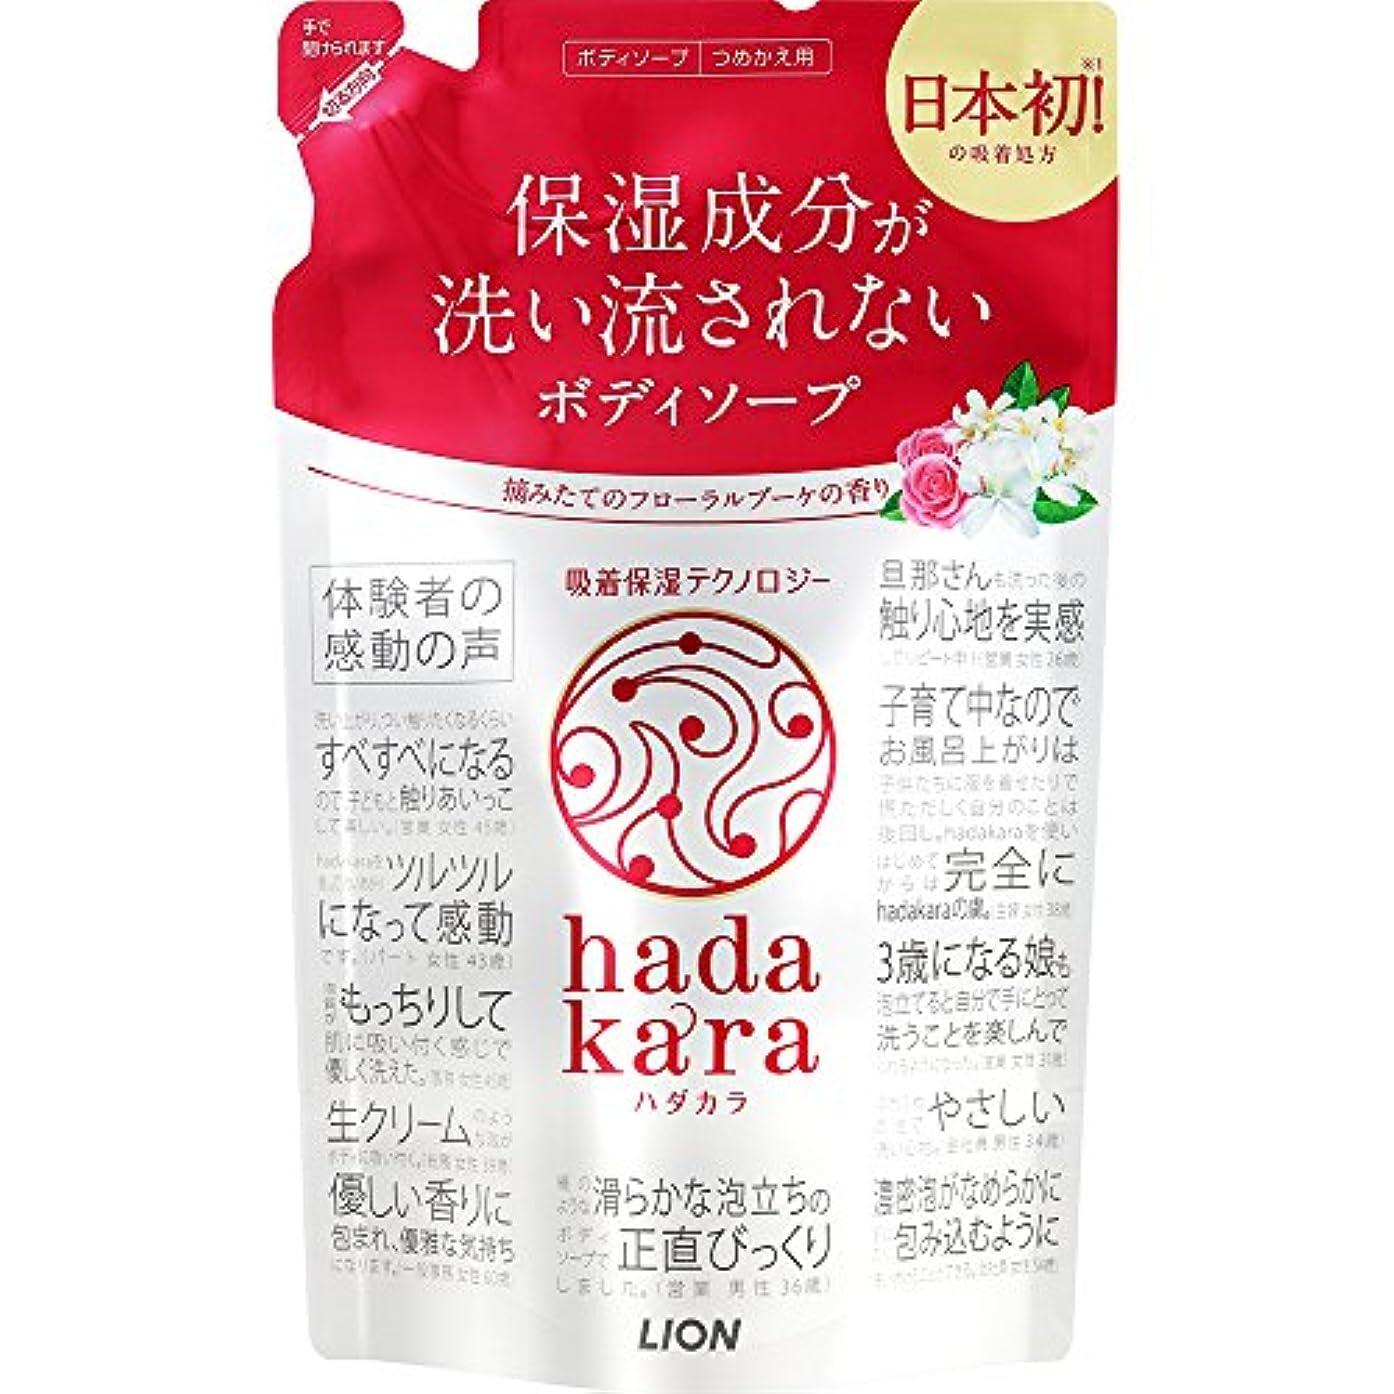 バックアップ不愉快に咲くhadakara(ハダカラ) ボディソープ フローラルブーケの香り 詰め替え 360ml